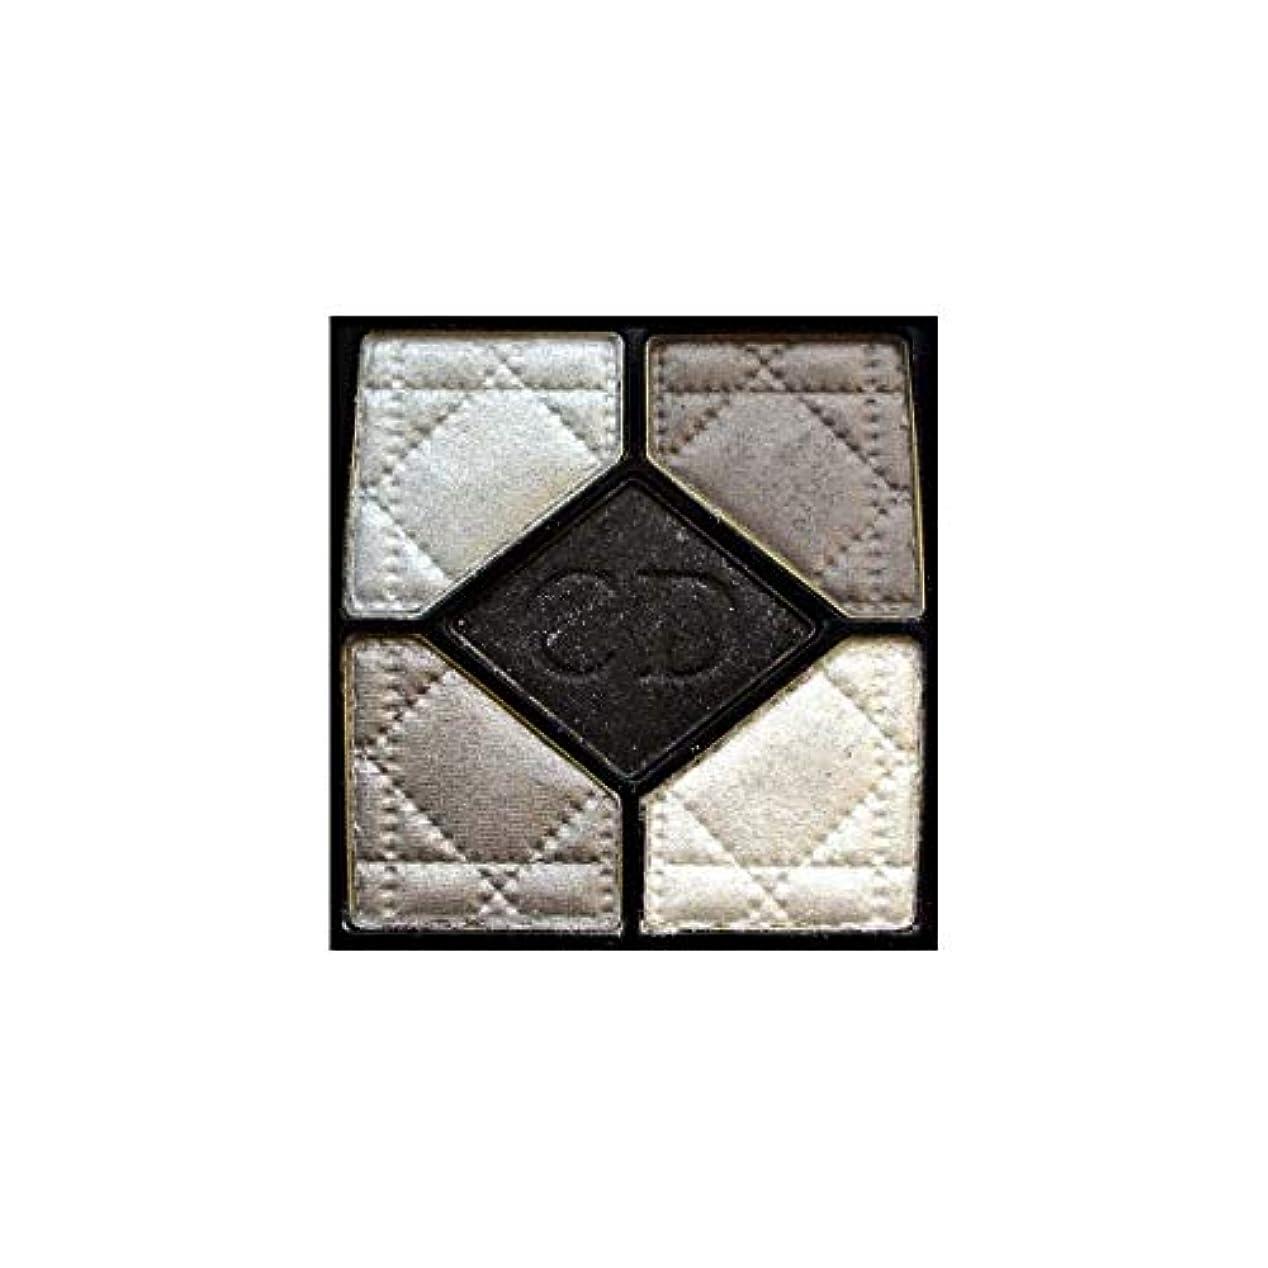 集まる怪物塊【クリスチャン ディオール】サンク クルール デザイナー #208 ネイビー デザイン 5.7g [並行輸入品]